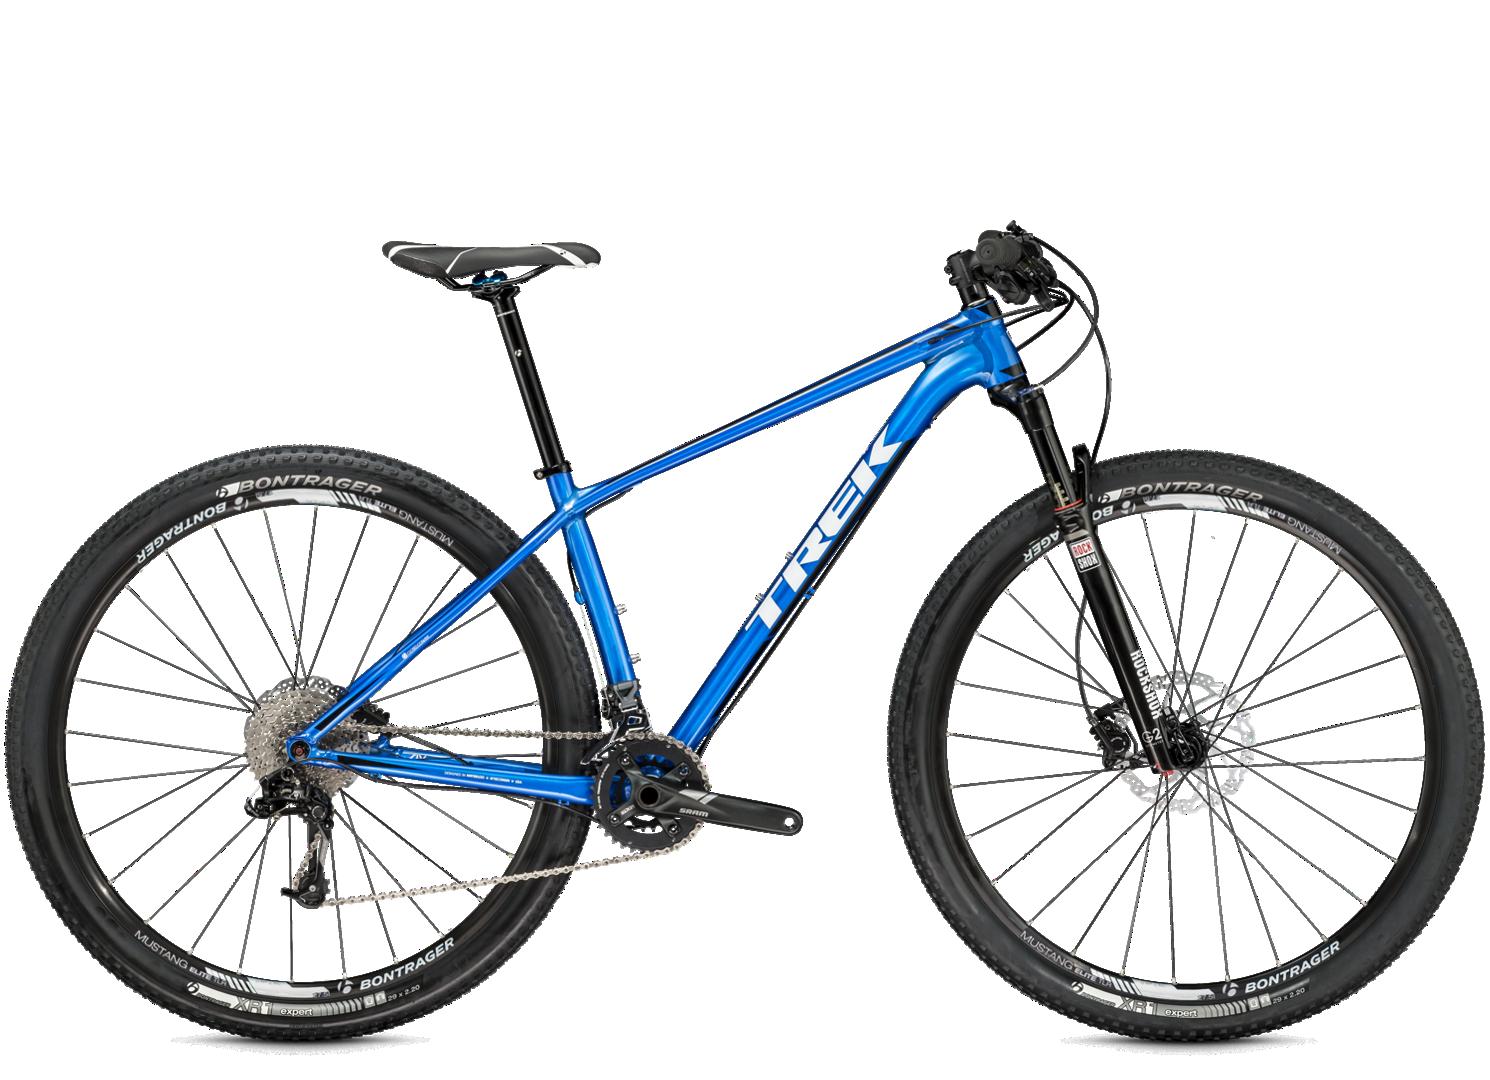 Superfly 6 Trek Bicycle Msrp 1 819 99